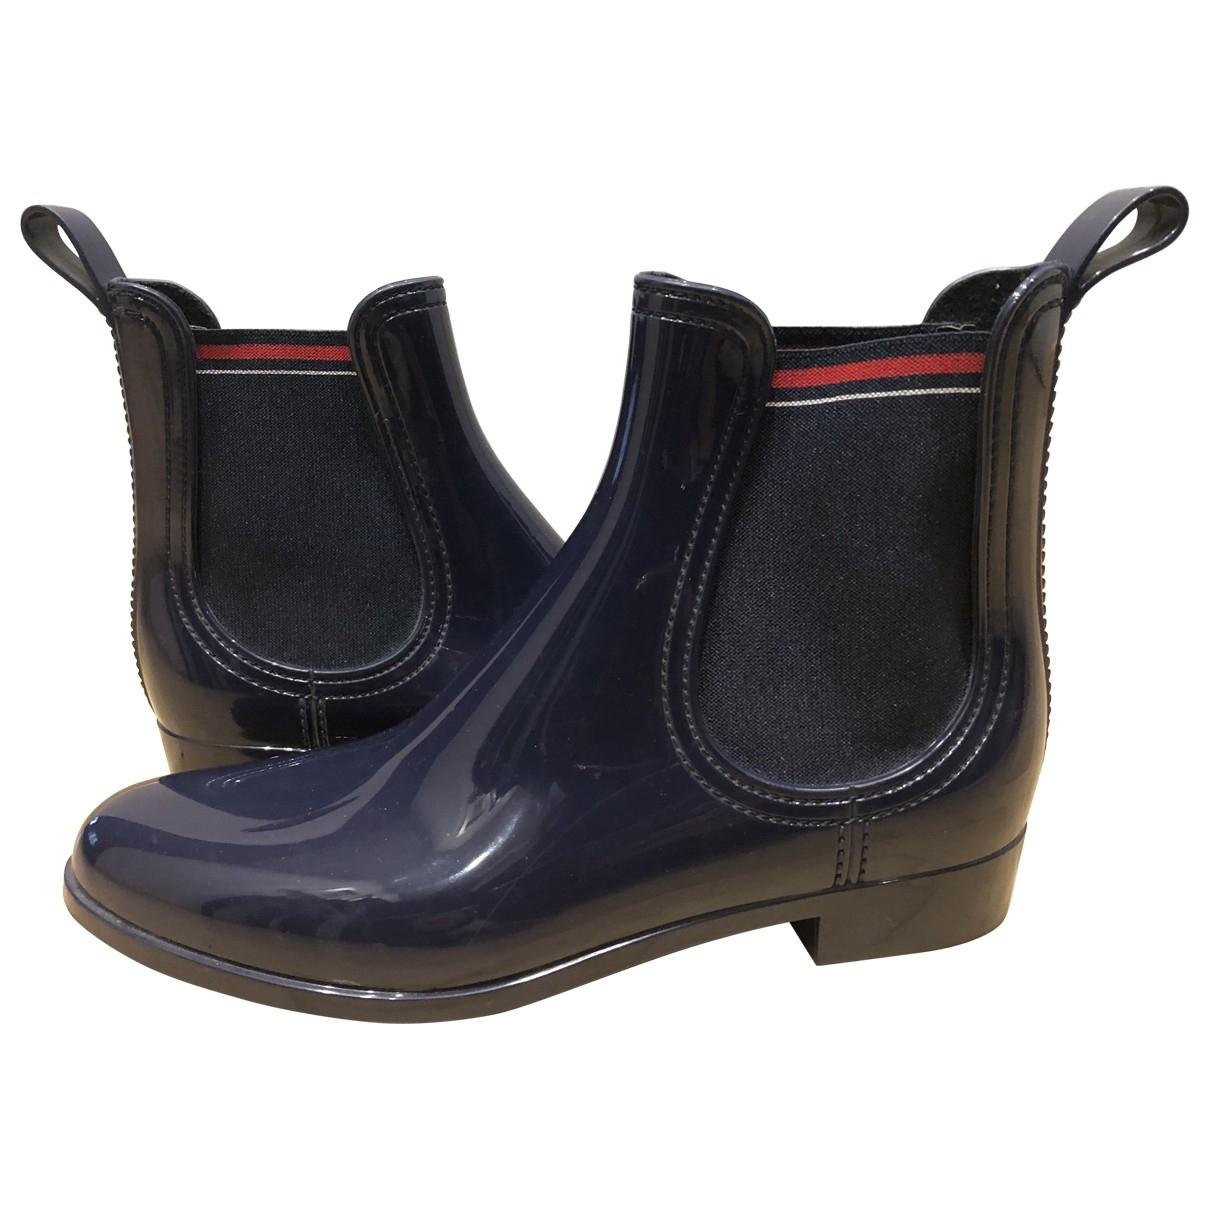 Gucci - Boots   pour femme en caoutchouc - bleu